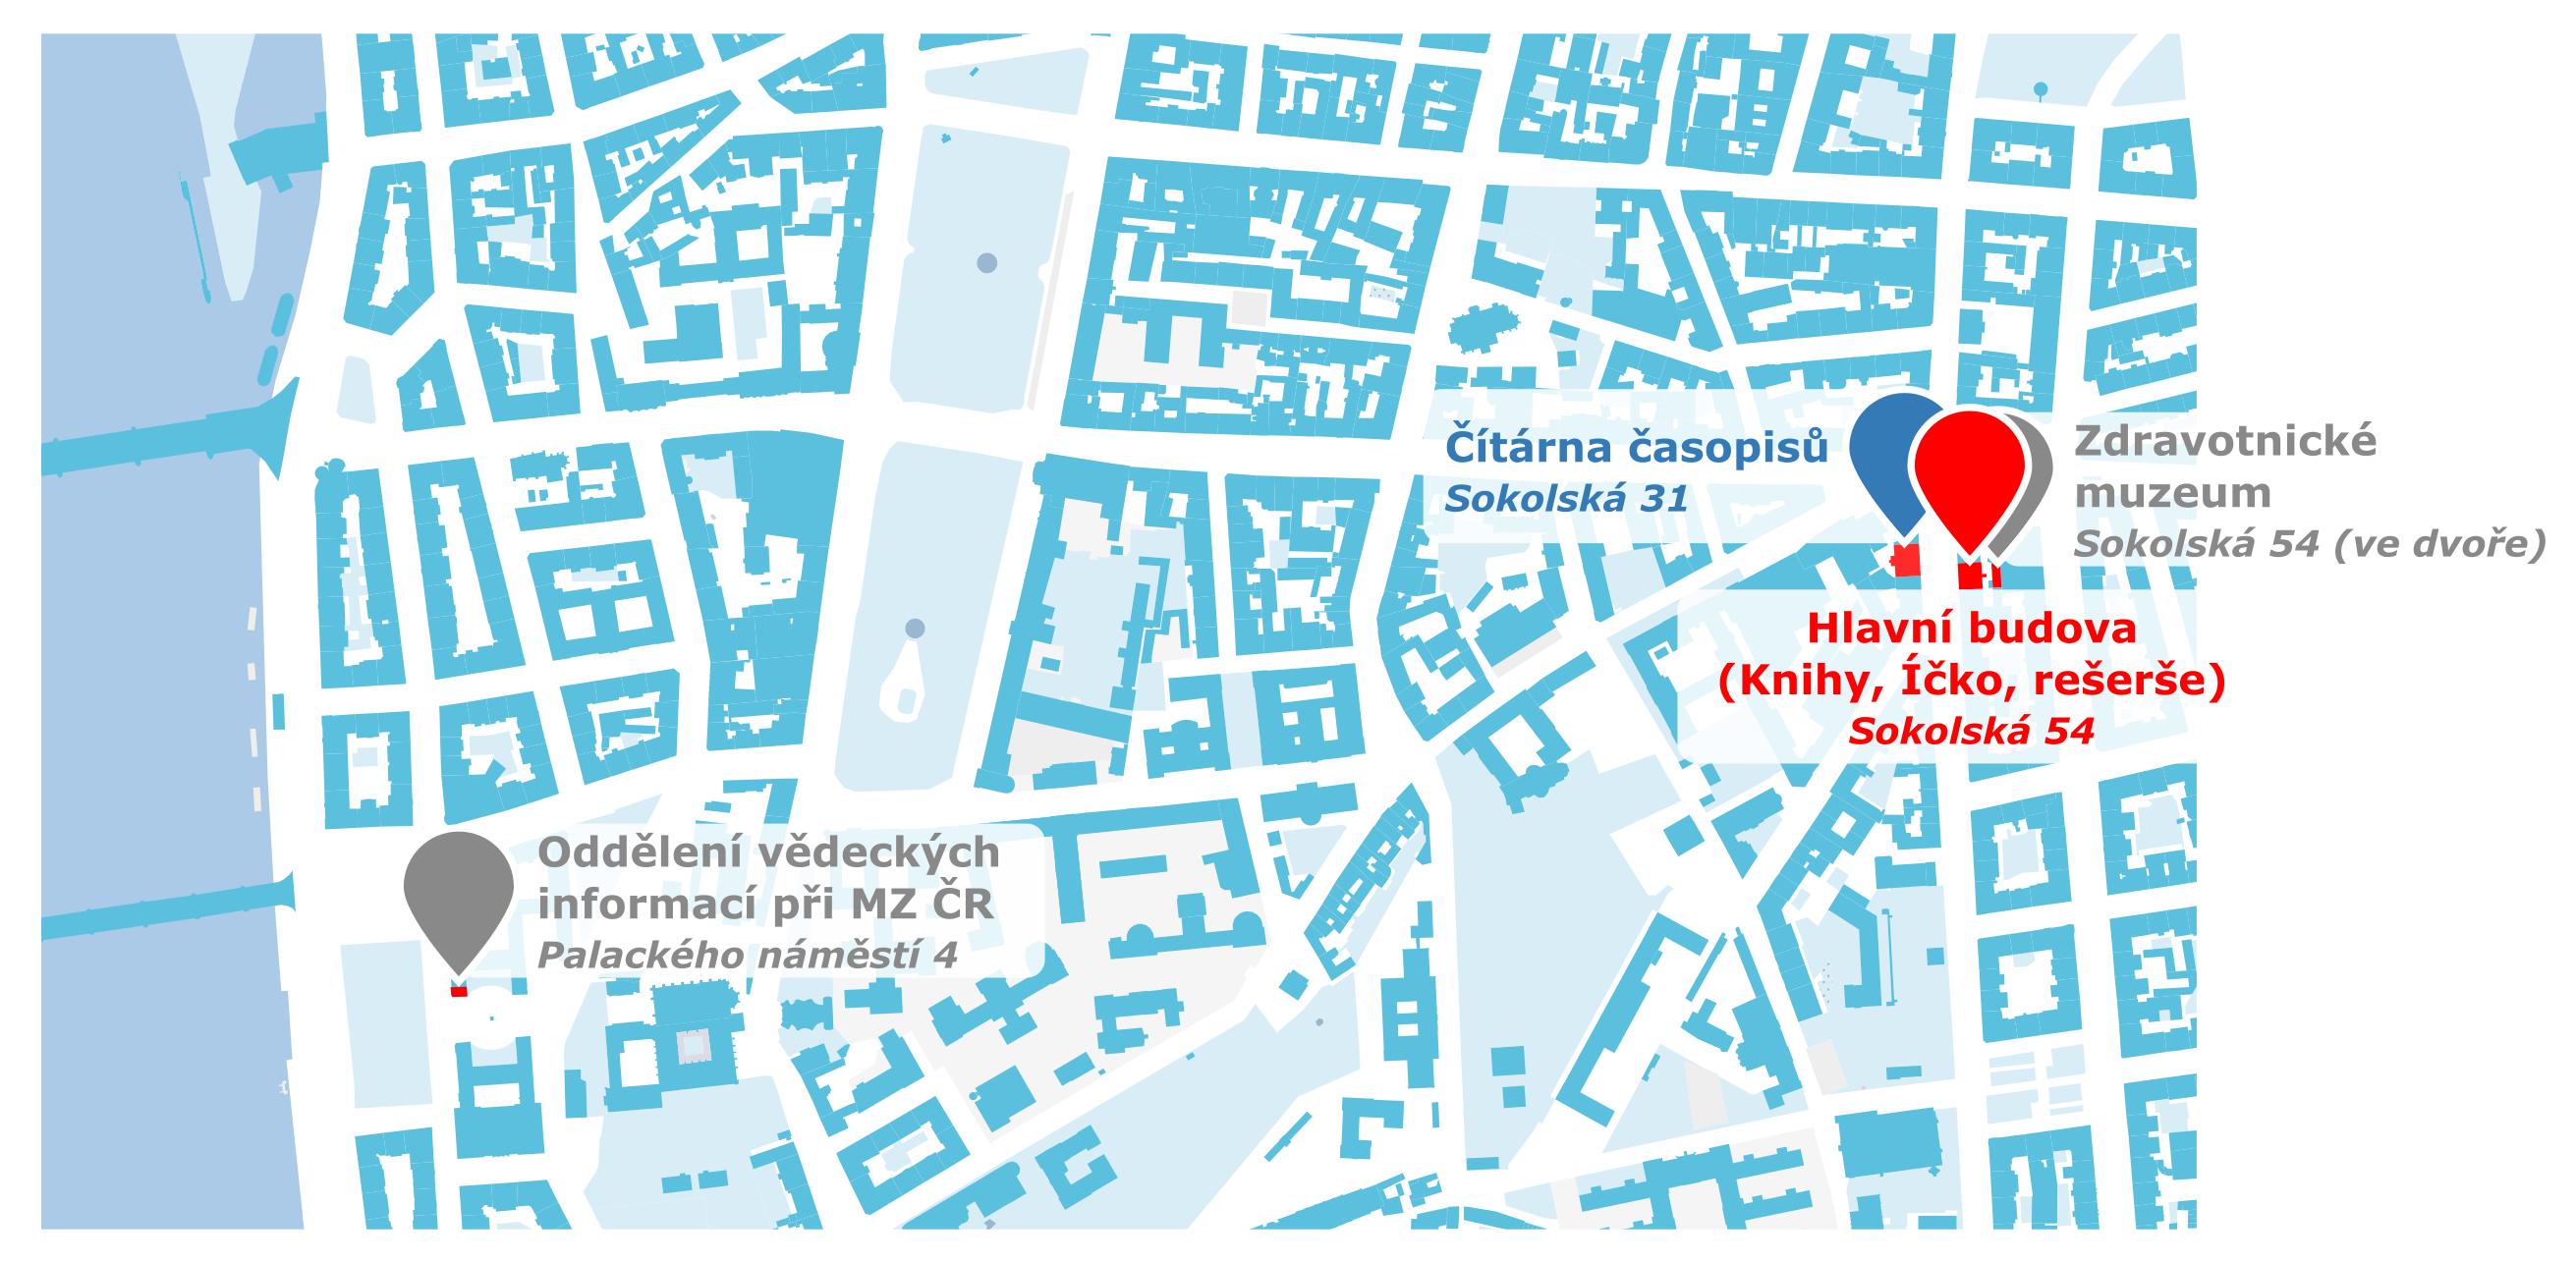 Mapa rozmístění budov v Praze.